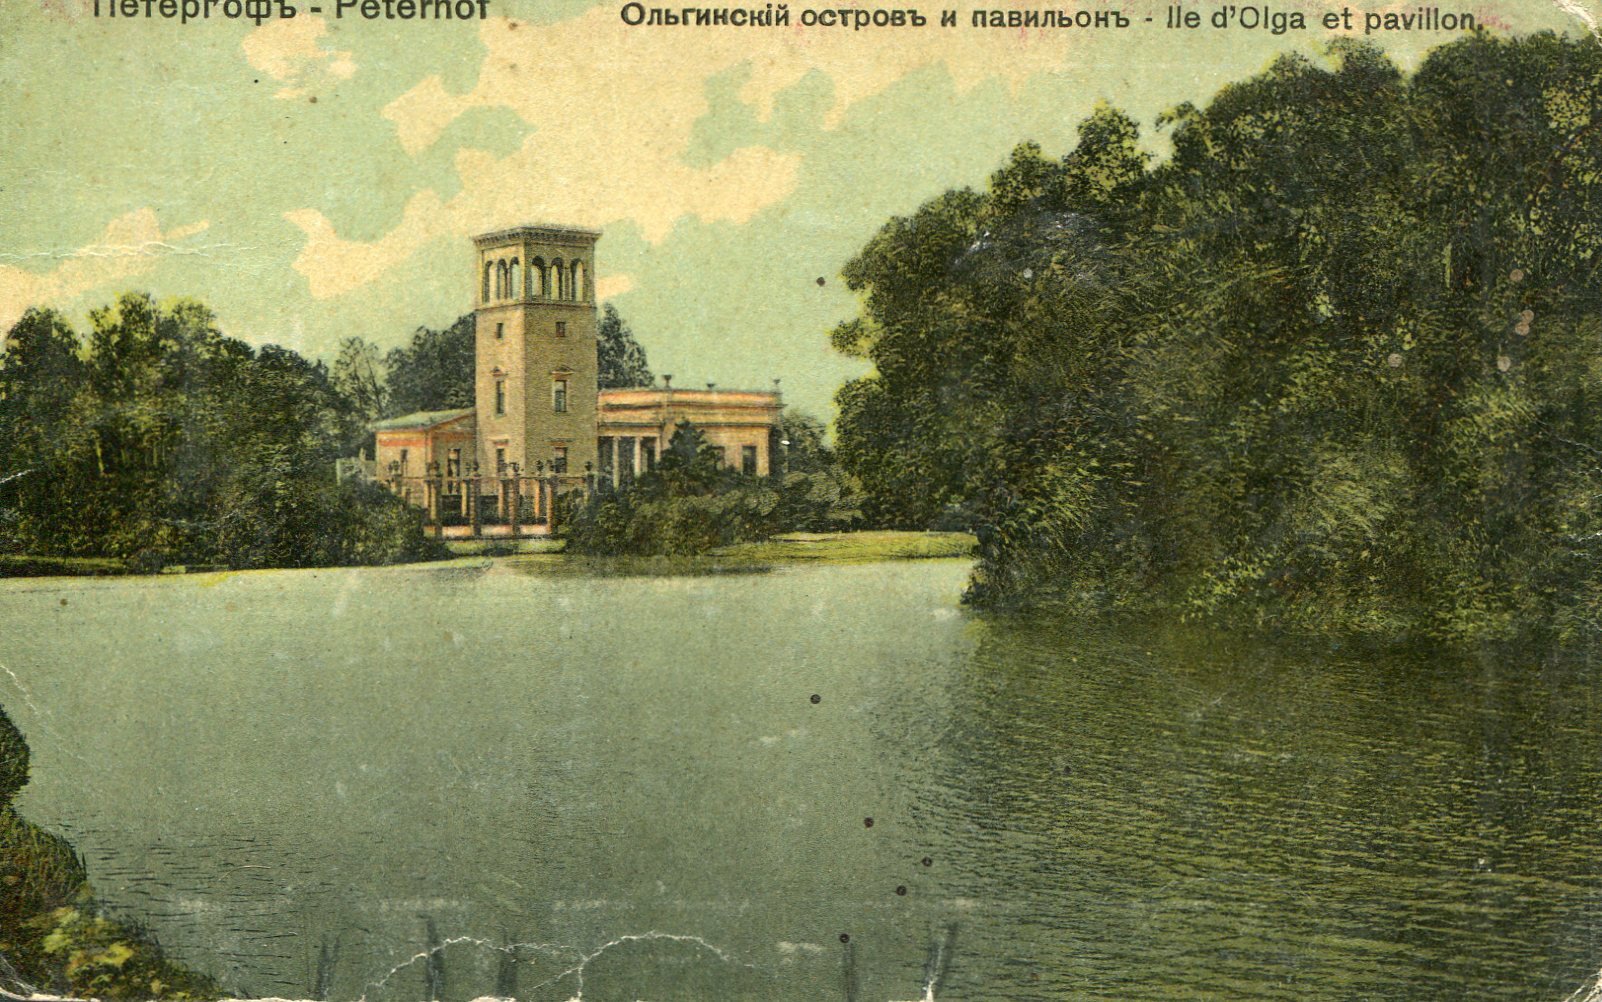 Ольгинский остров и Самсониевский павильон